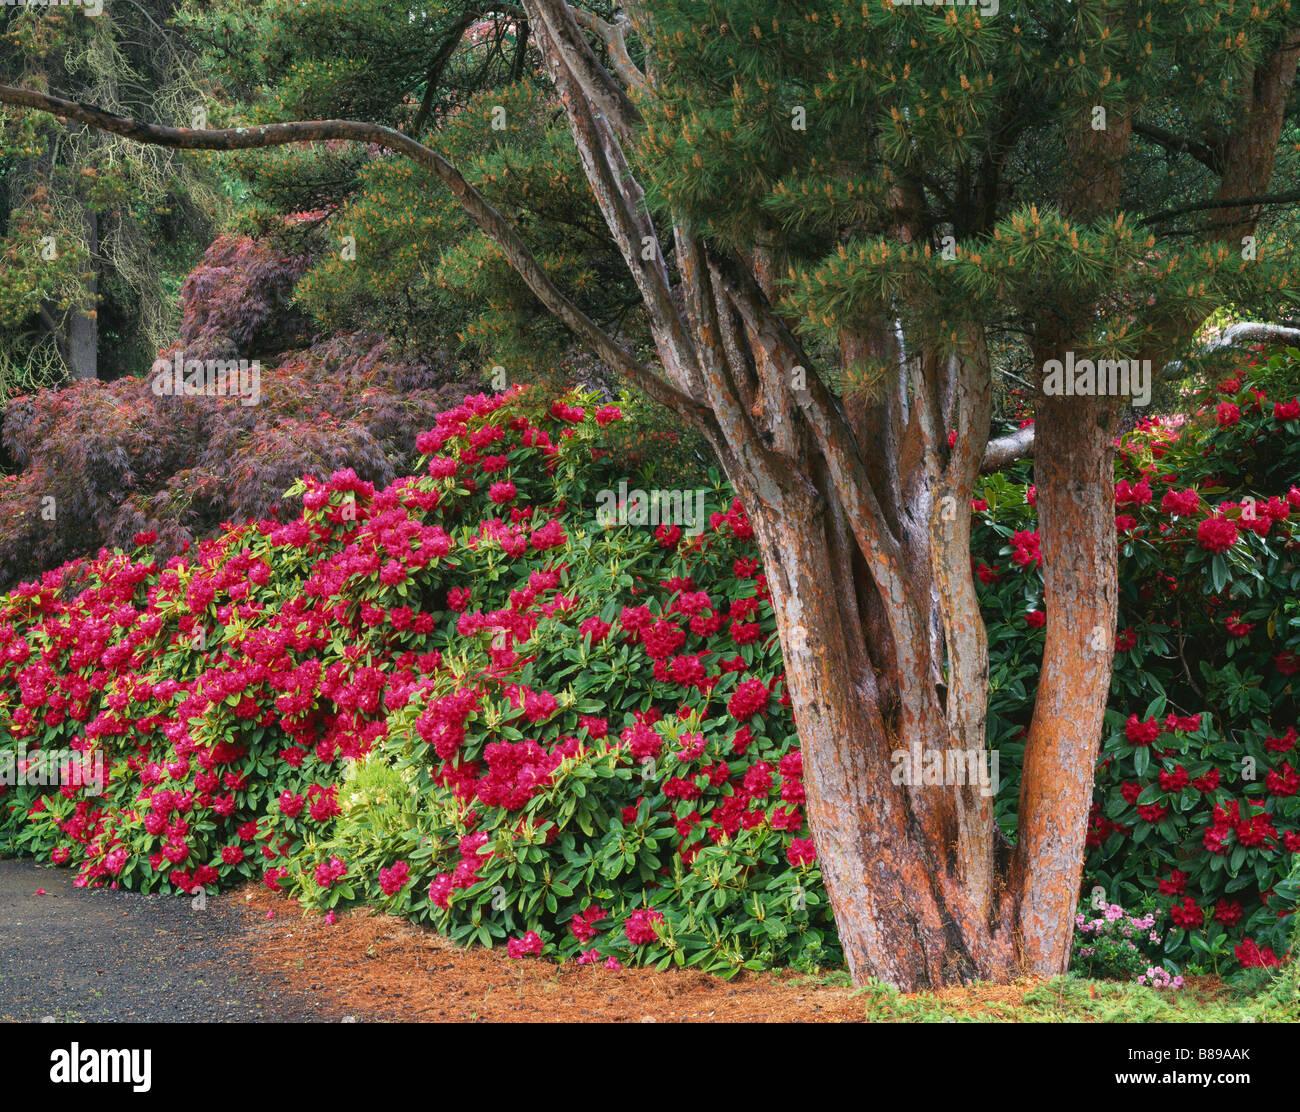 kubota garten seattle wa bl henden rhododendren und rote. Black Bedroom Furniture Sets. Home Design Ideas